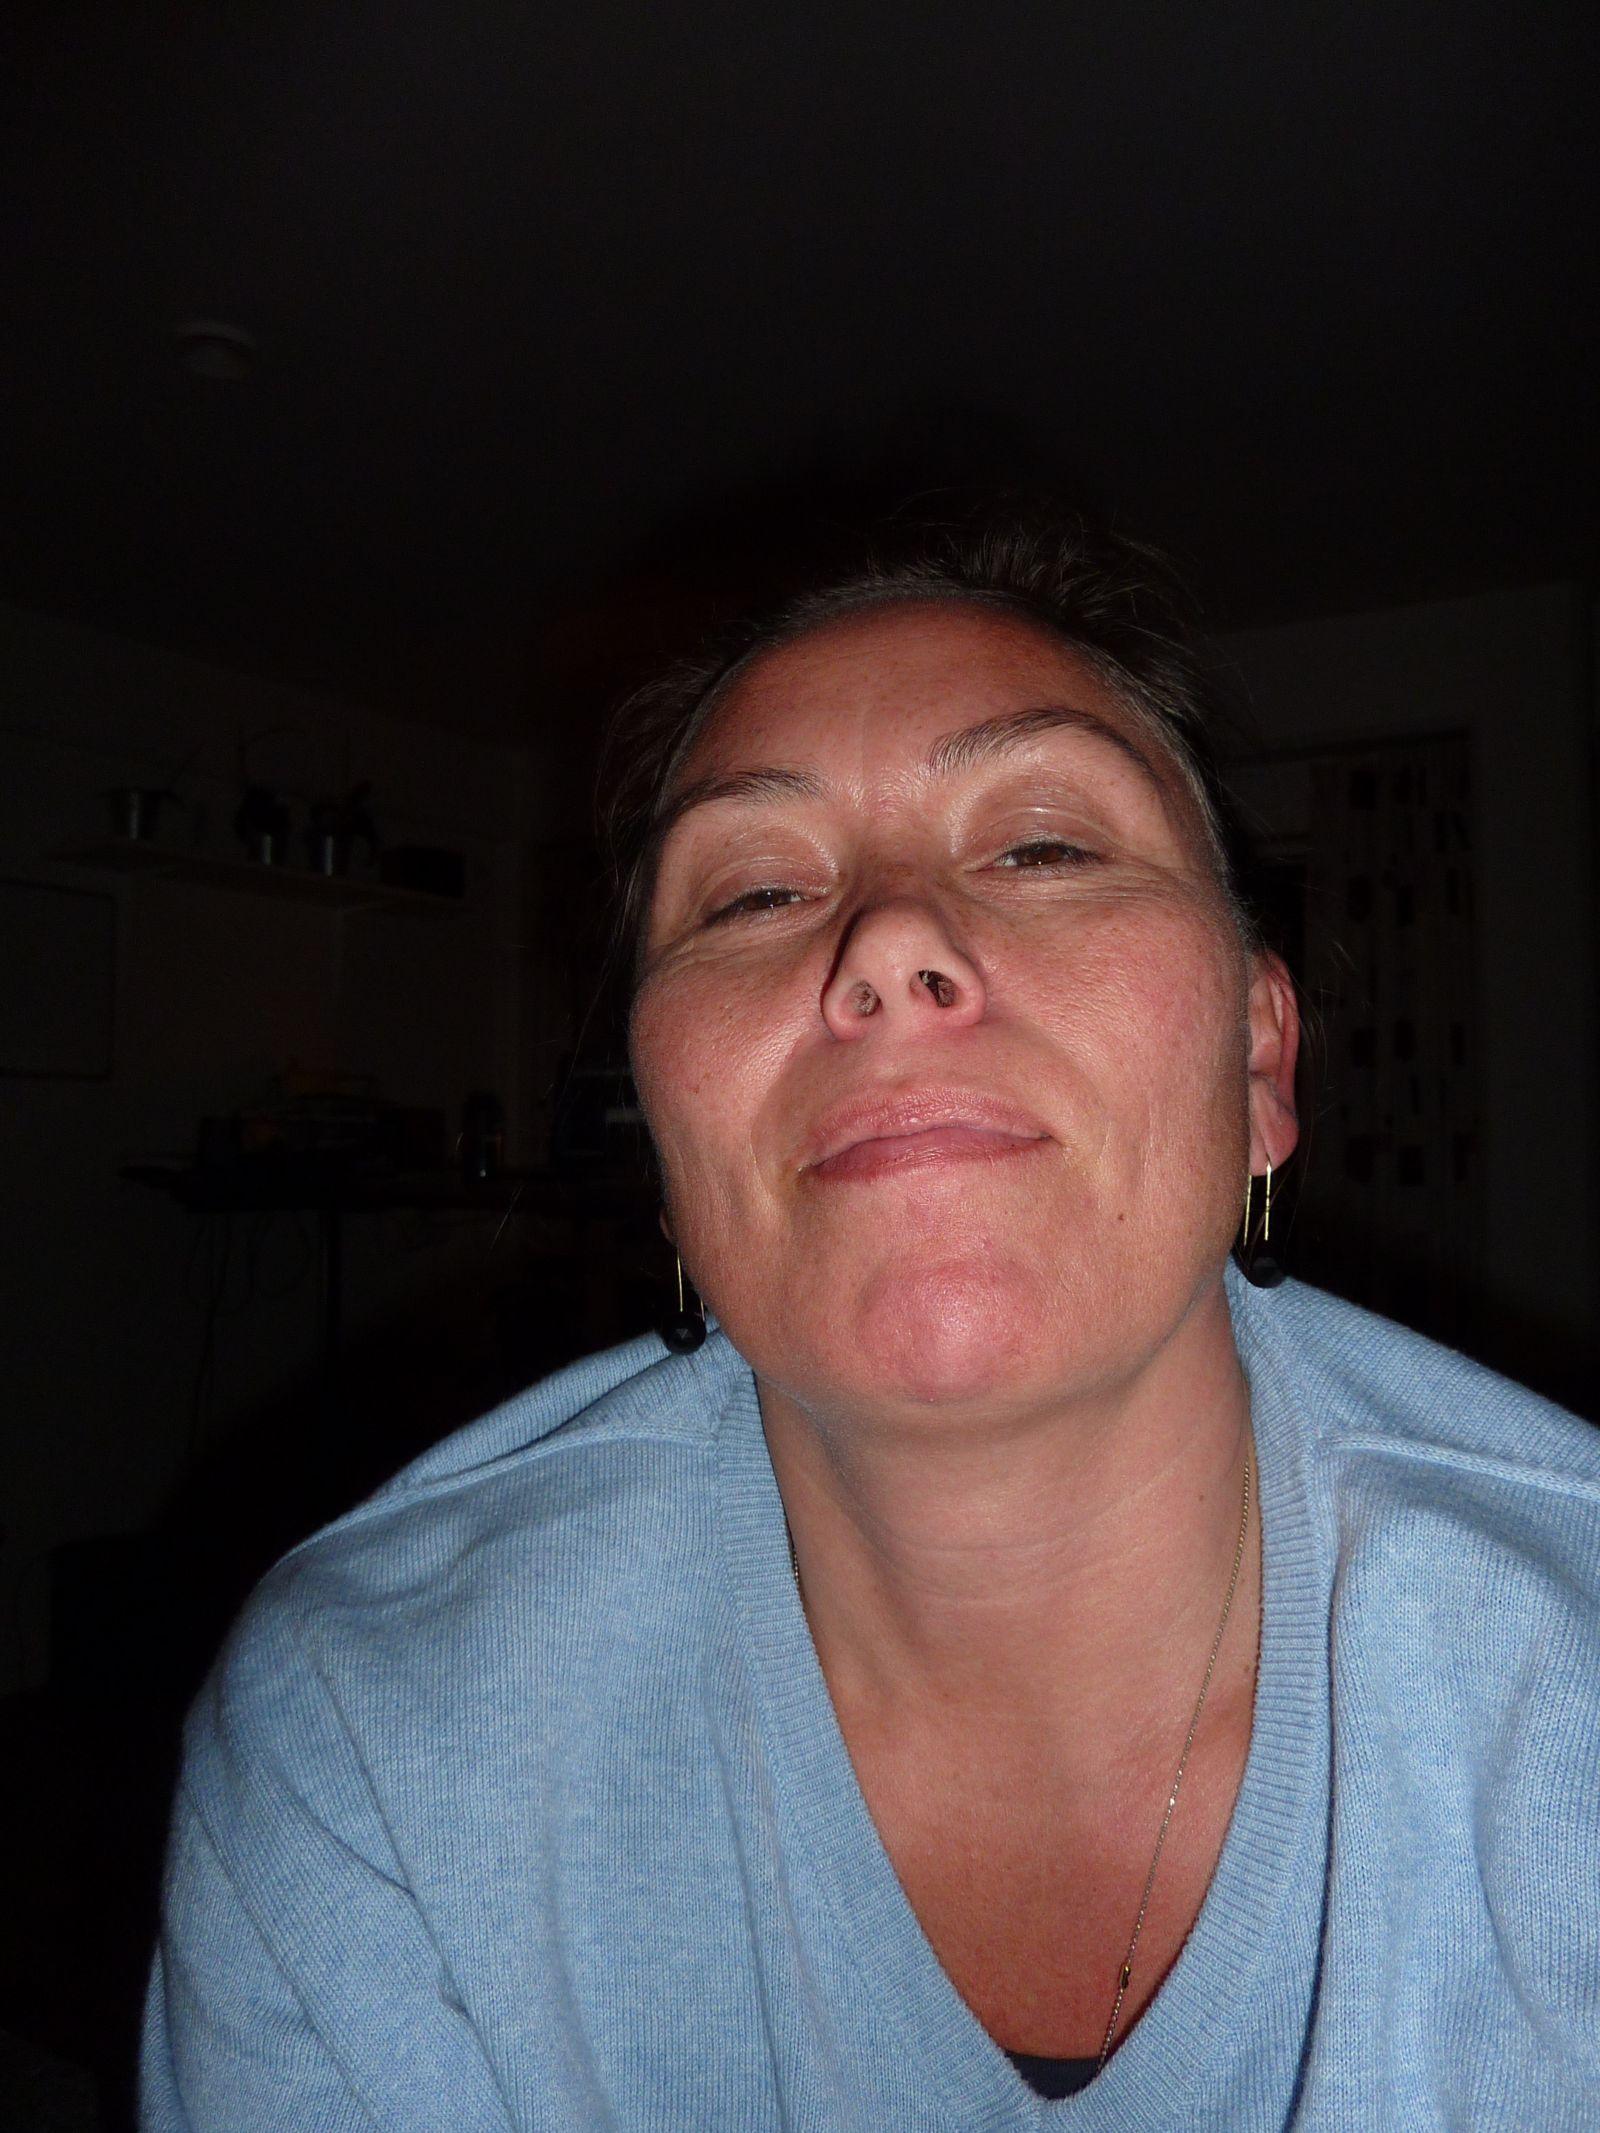 2010-09-21-2021_-_Lene Marr Spore